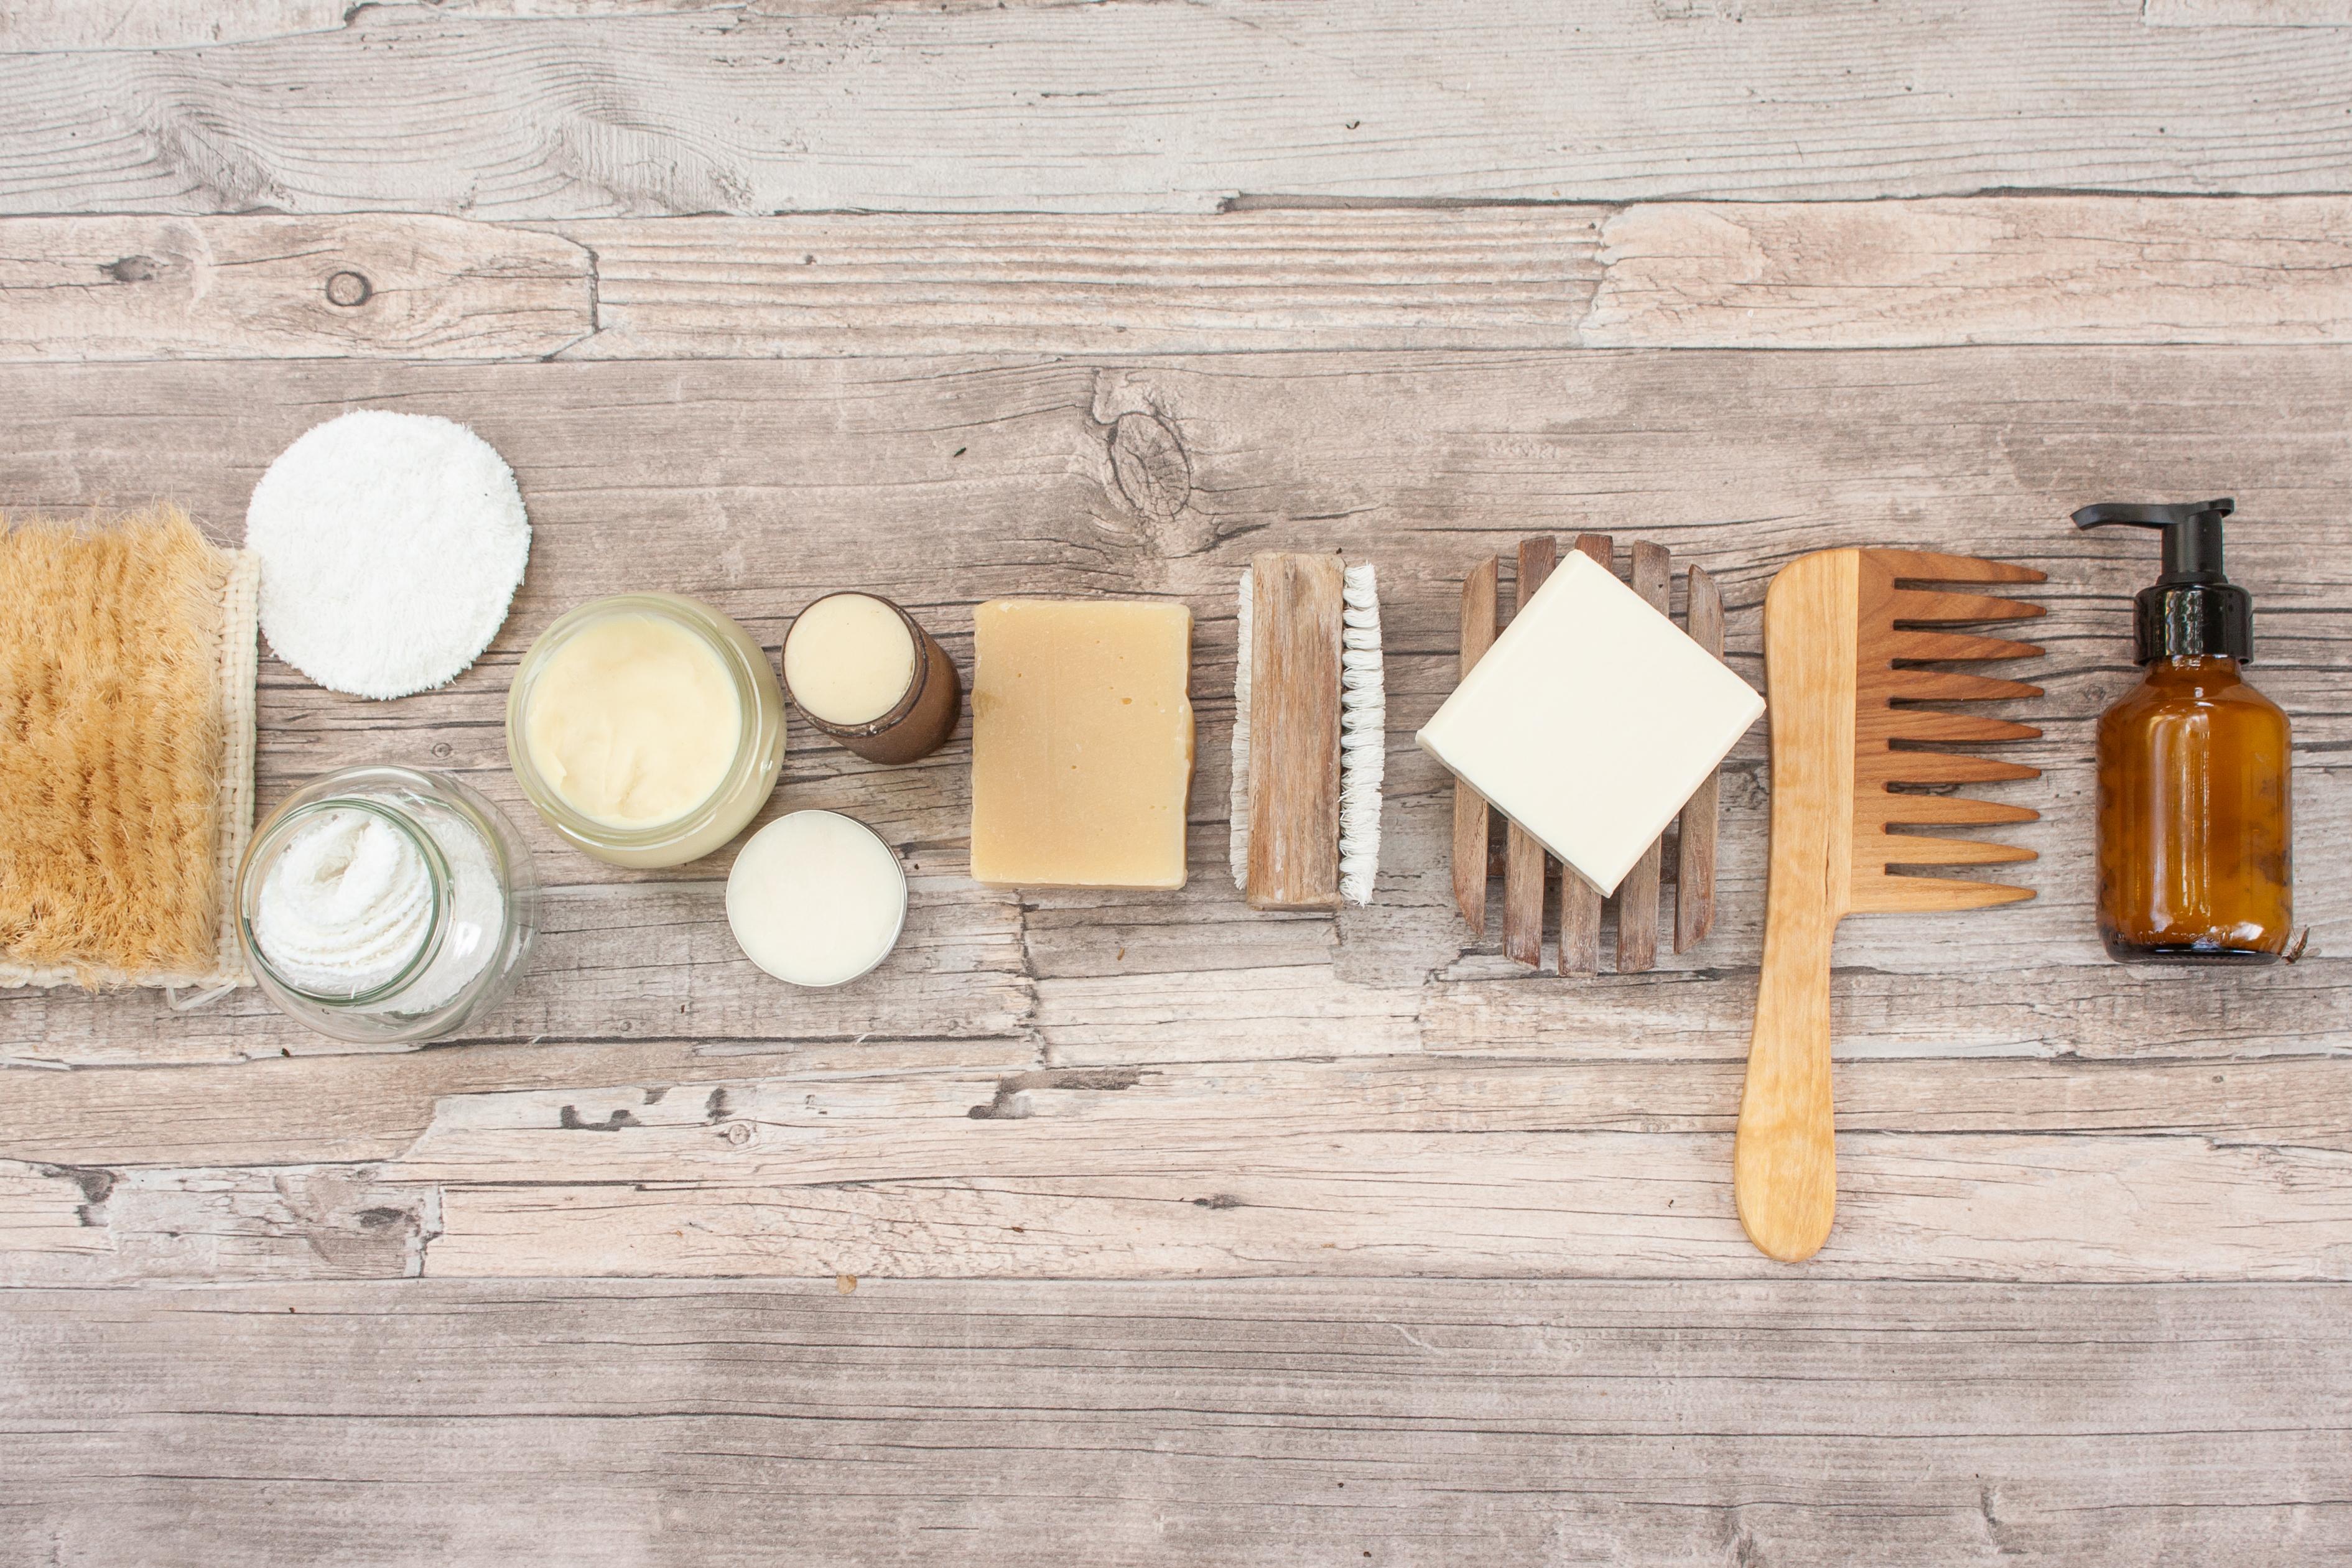 Les 10 produits beauté qui simplifient la vie